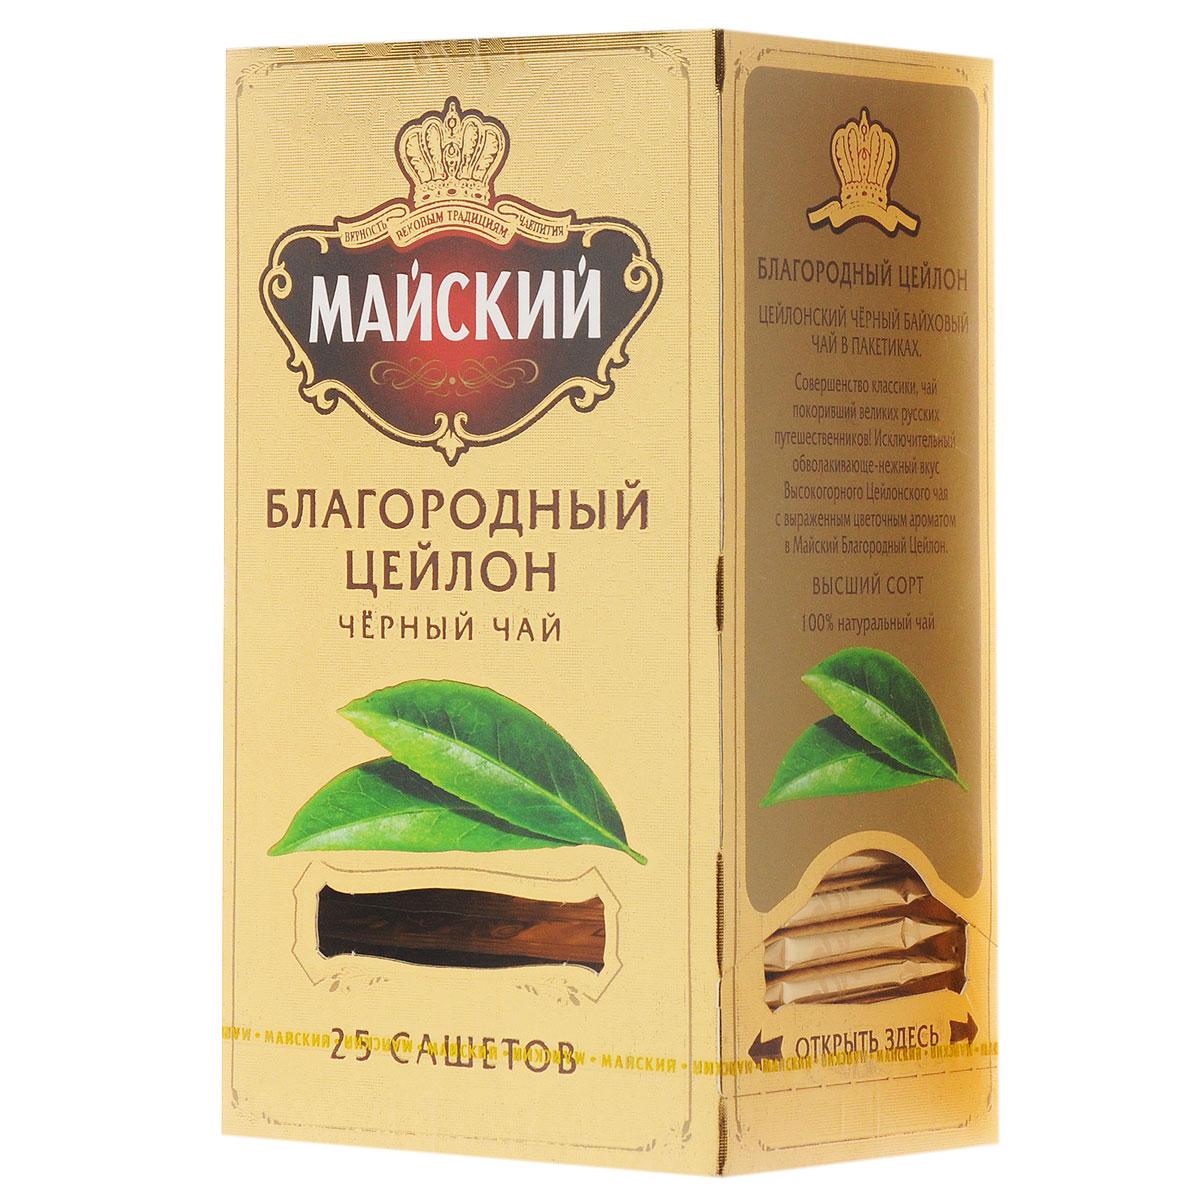 Майский Благородный Цейлон черный чай в пакетиках, 25 шт майский коллекция изысканных вкусов чайное ассорти черный чай в пакетиках 30 шт